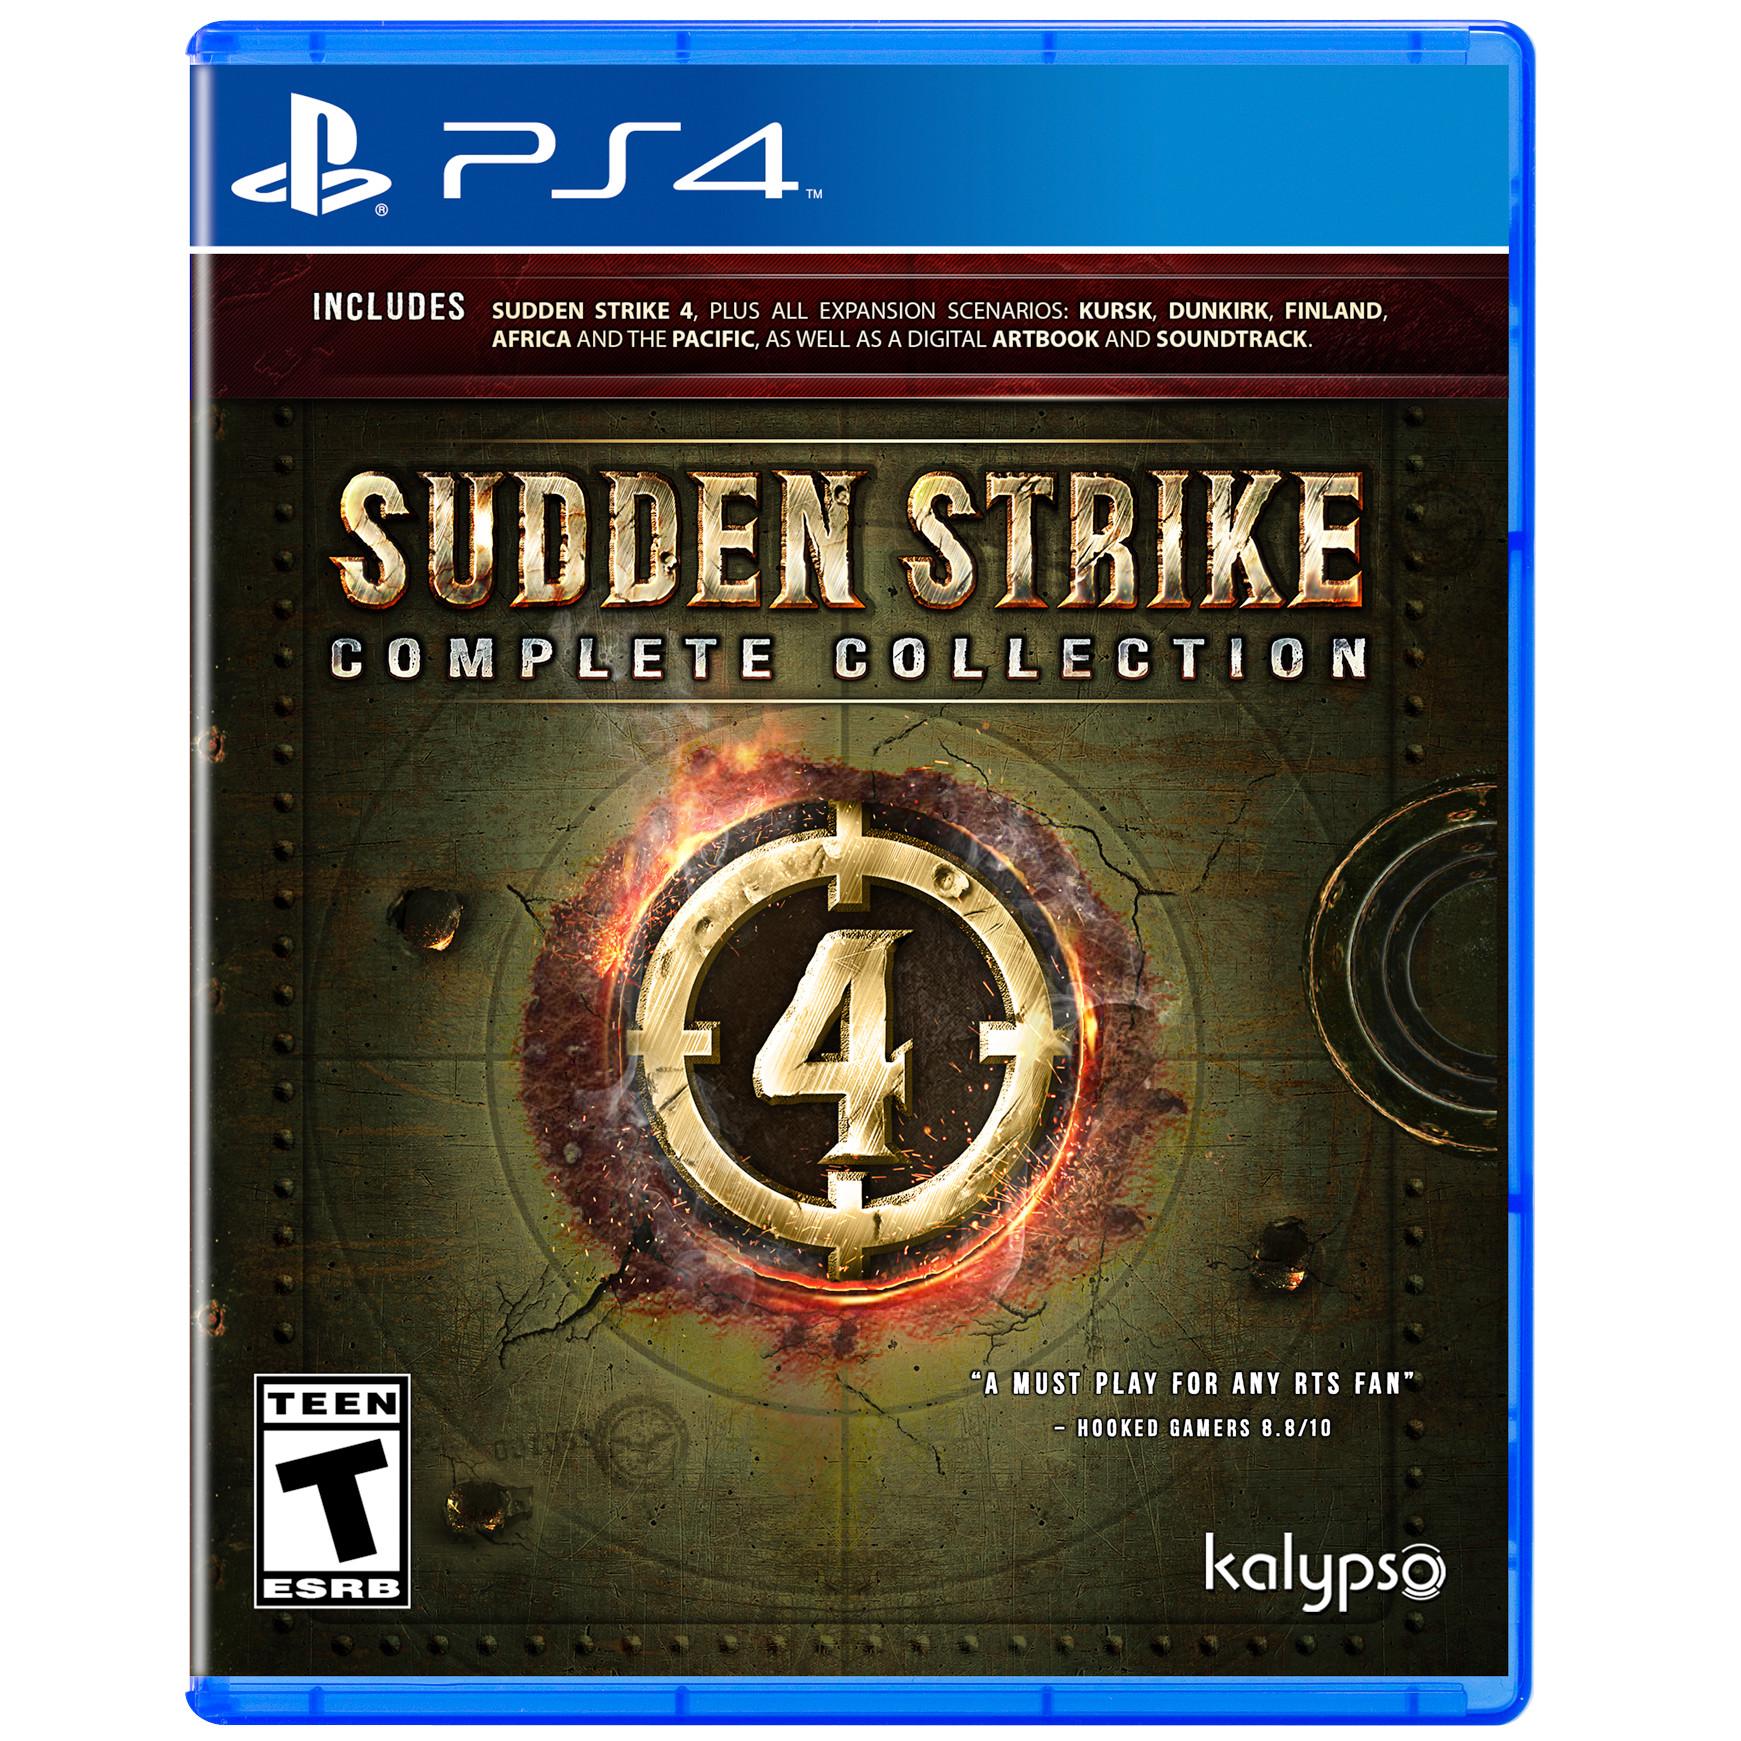 Joc Sudden Strike 4: Complete Collection (EU) Pentru PlayStation 4 0